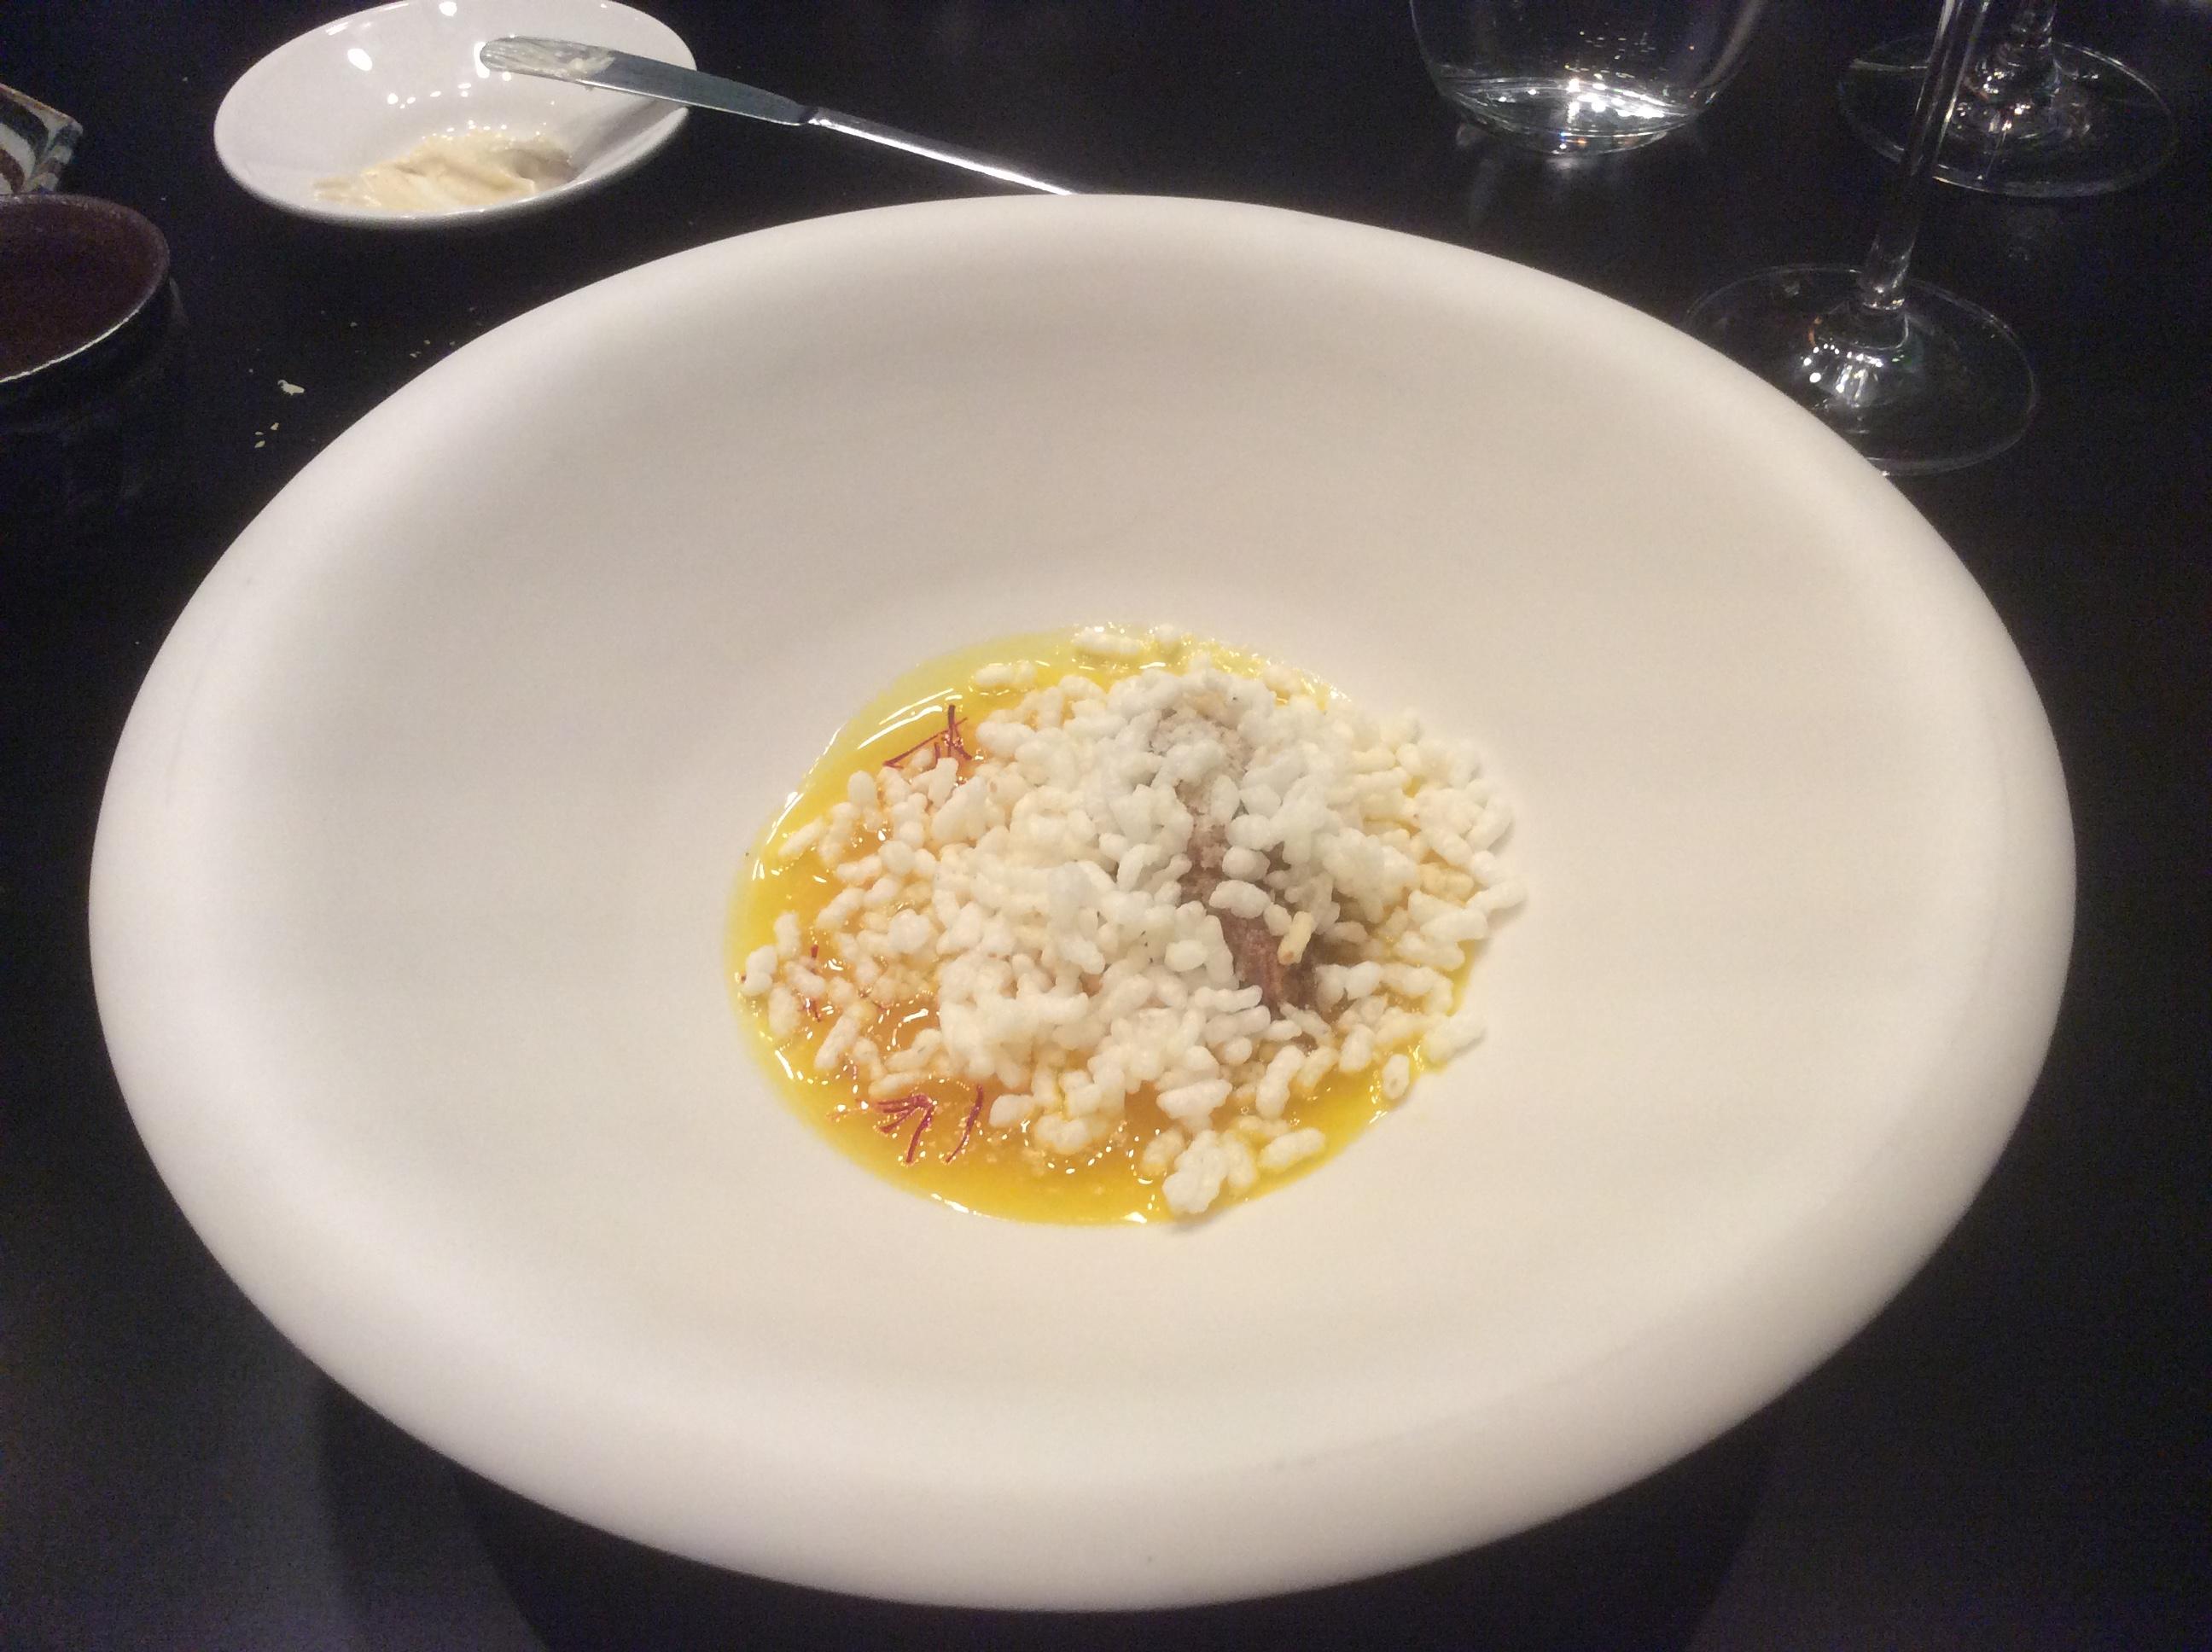 http://gourmet-italian.com/3045.JPG